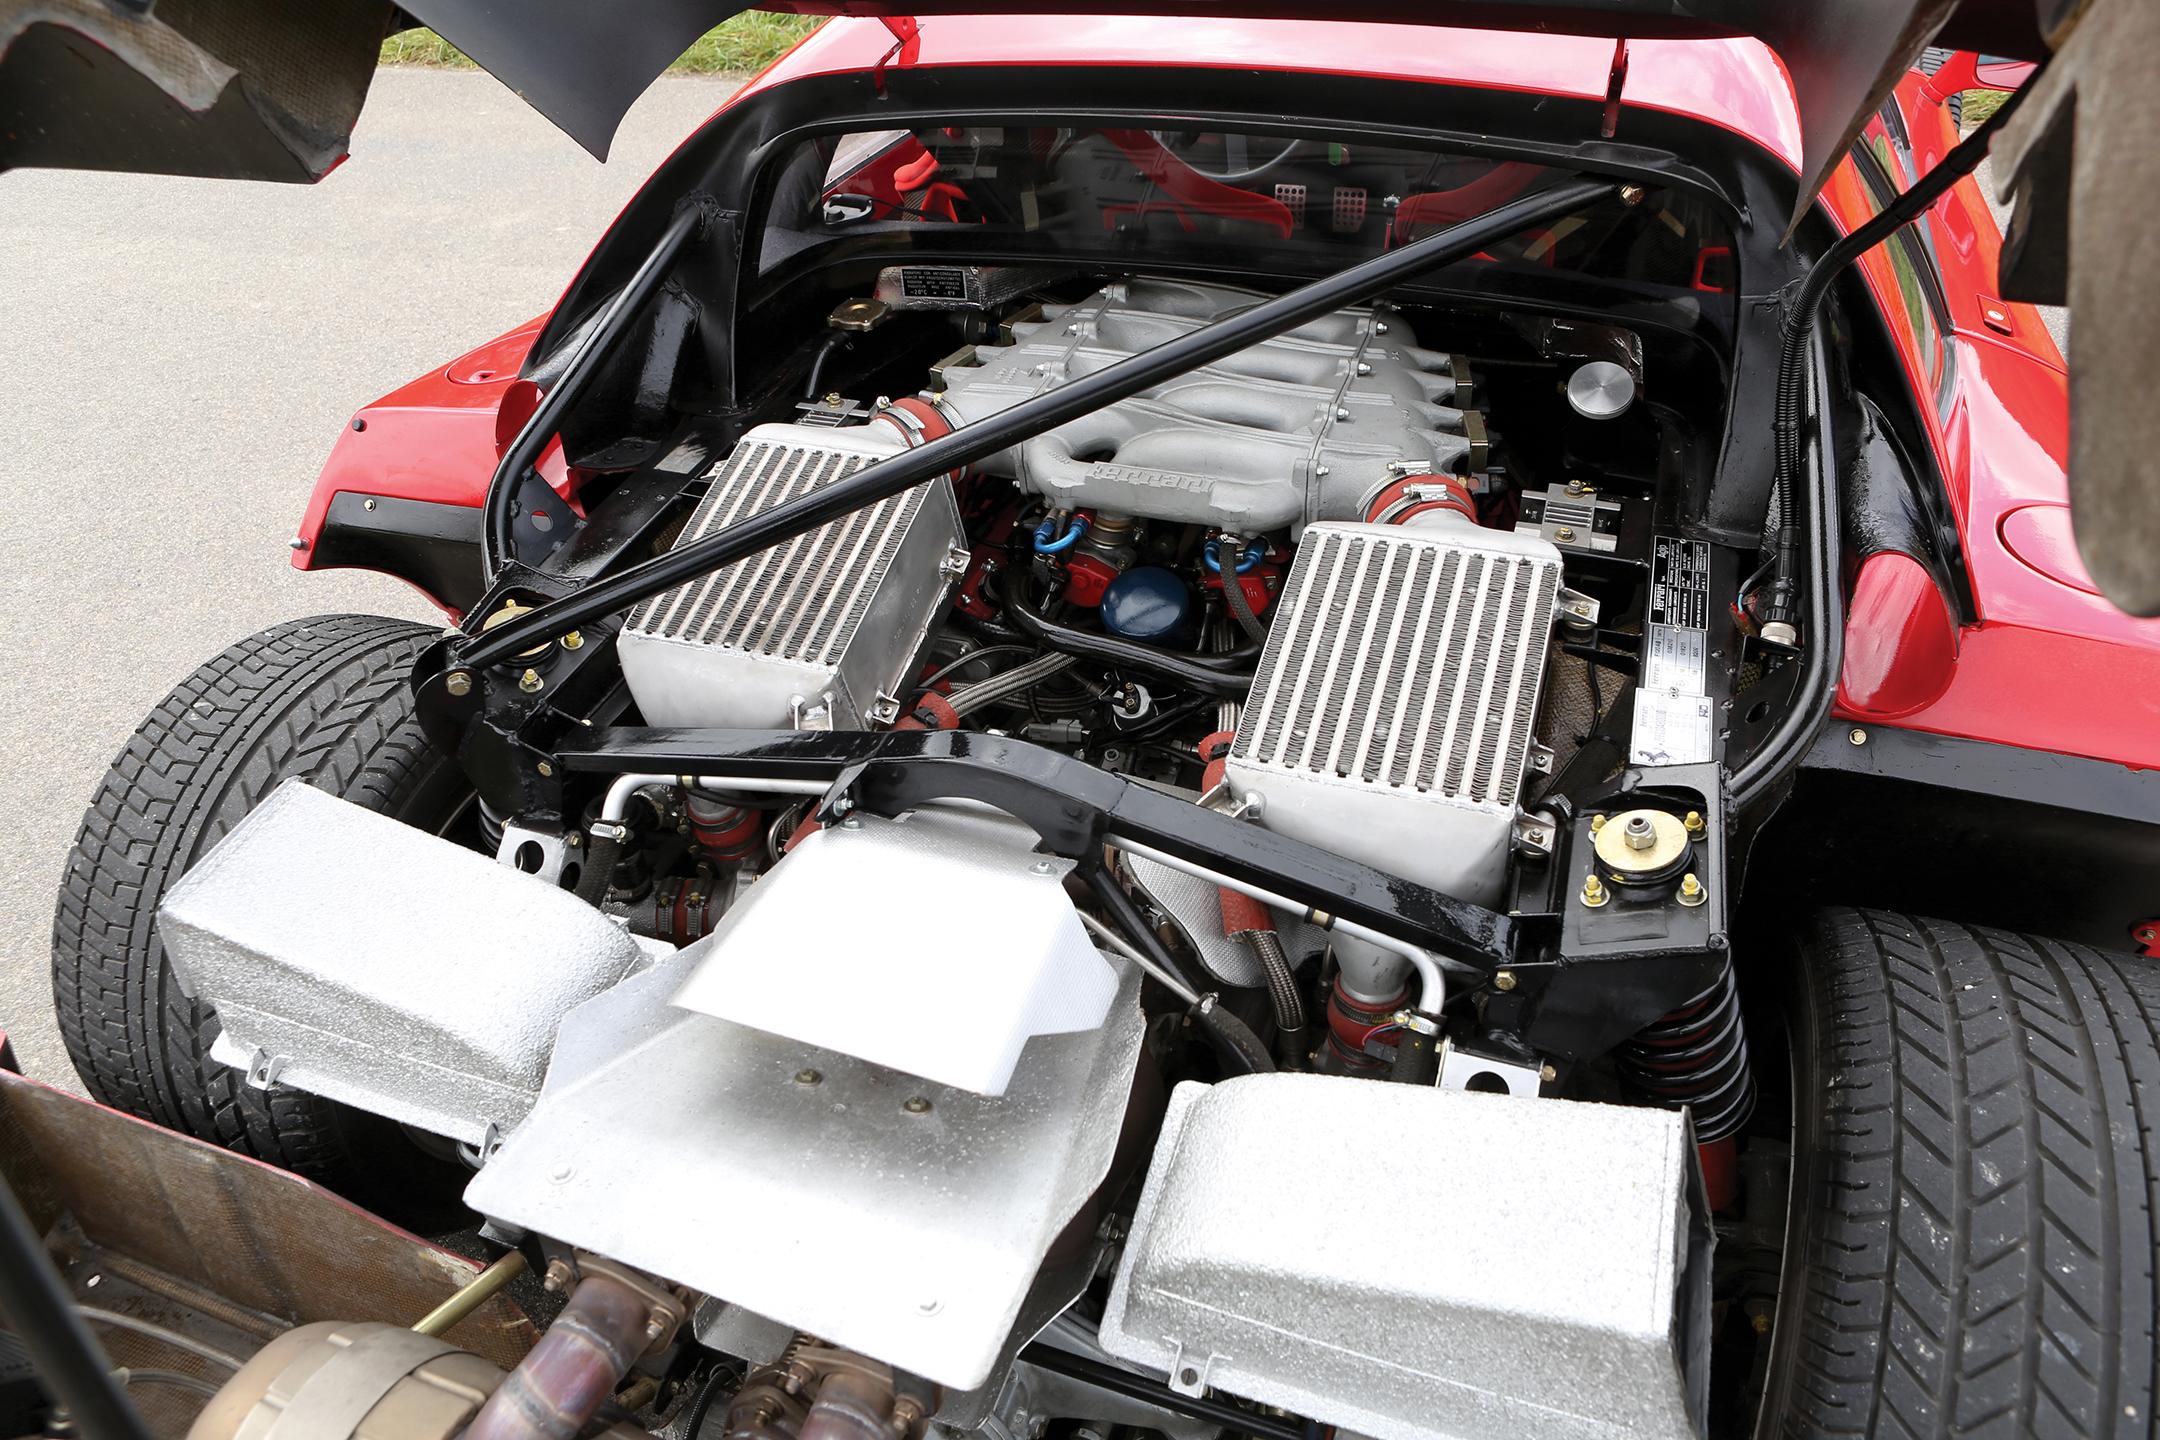 Ferrari F40 - 1987 - under the hood - V8